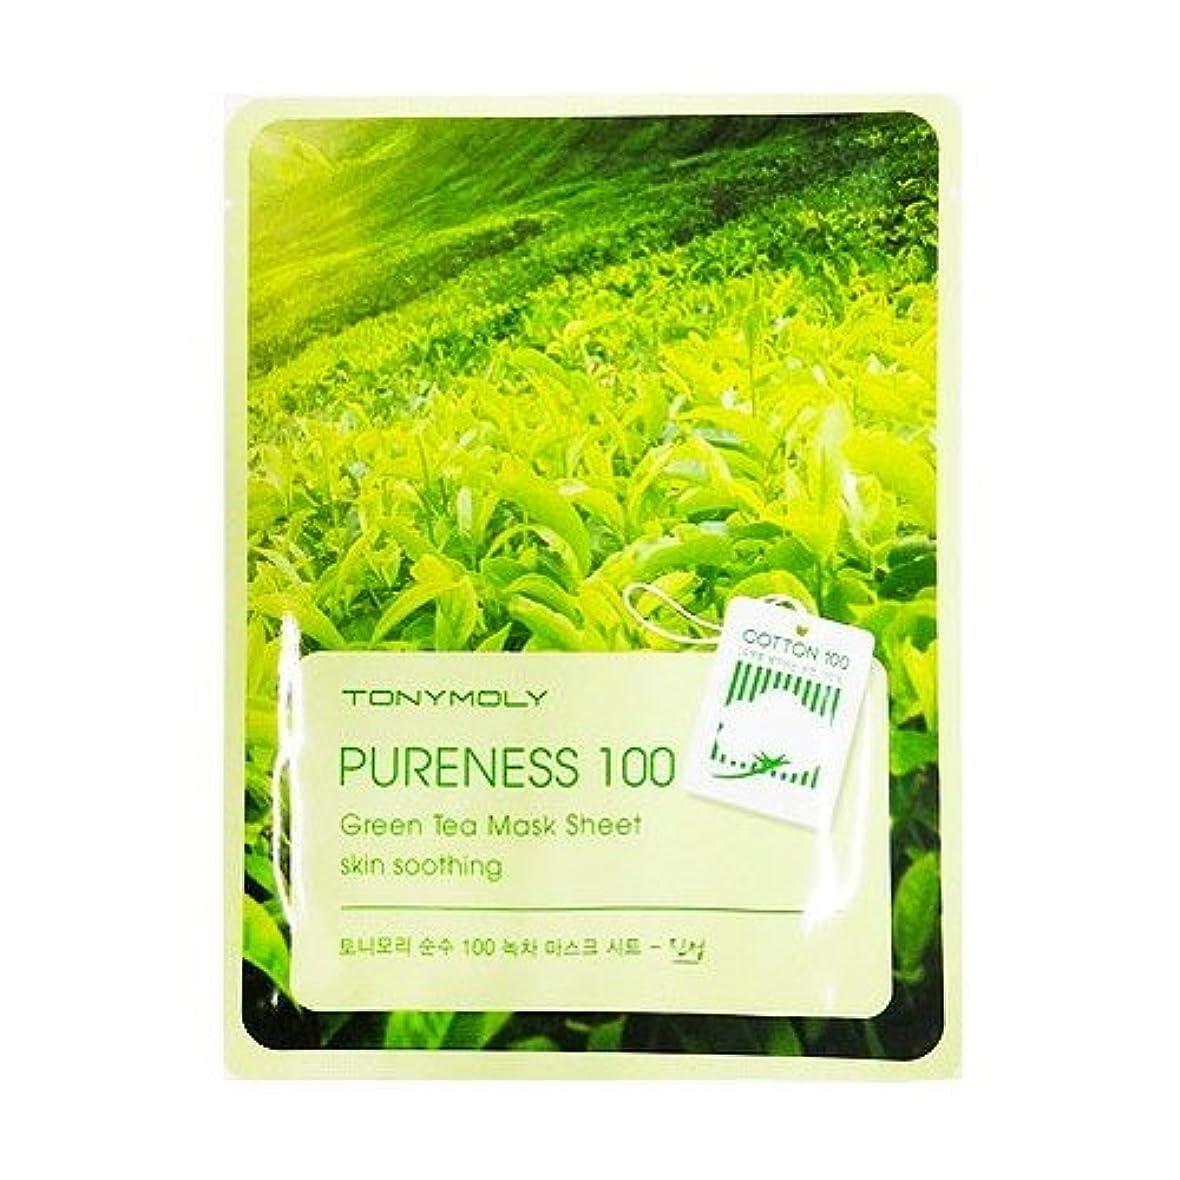 ミュージカル消毒する盗難(6 Pack) TONYMOLY Pureness 100 Green Tea Mask Sheet Skin Soothing (並行輸入品)